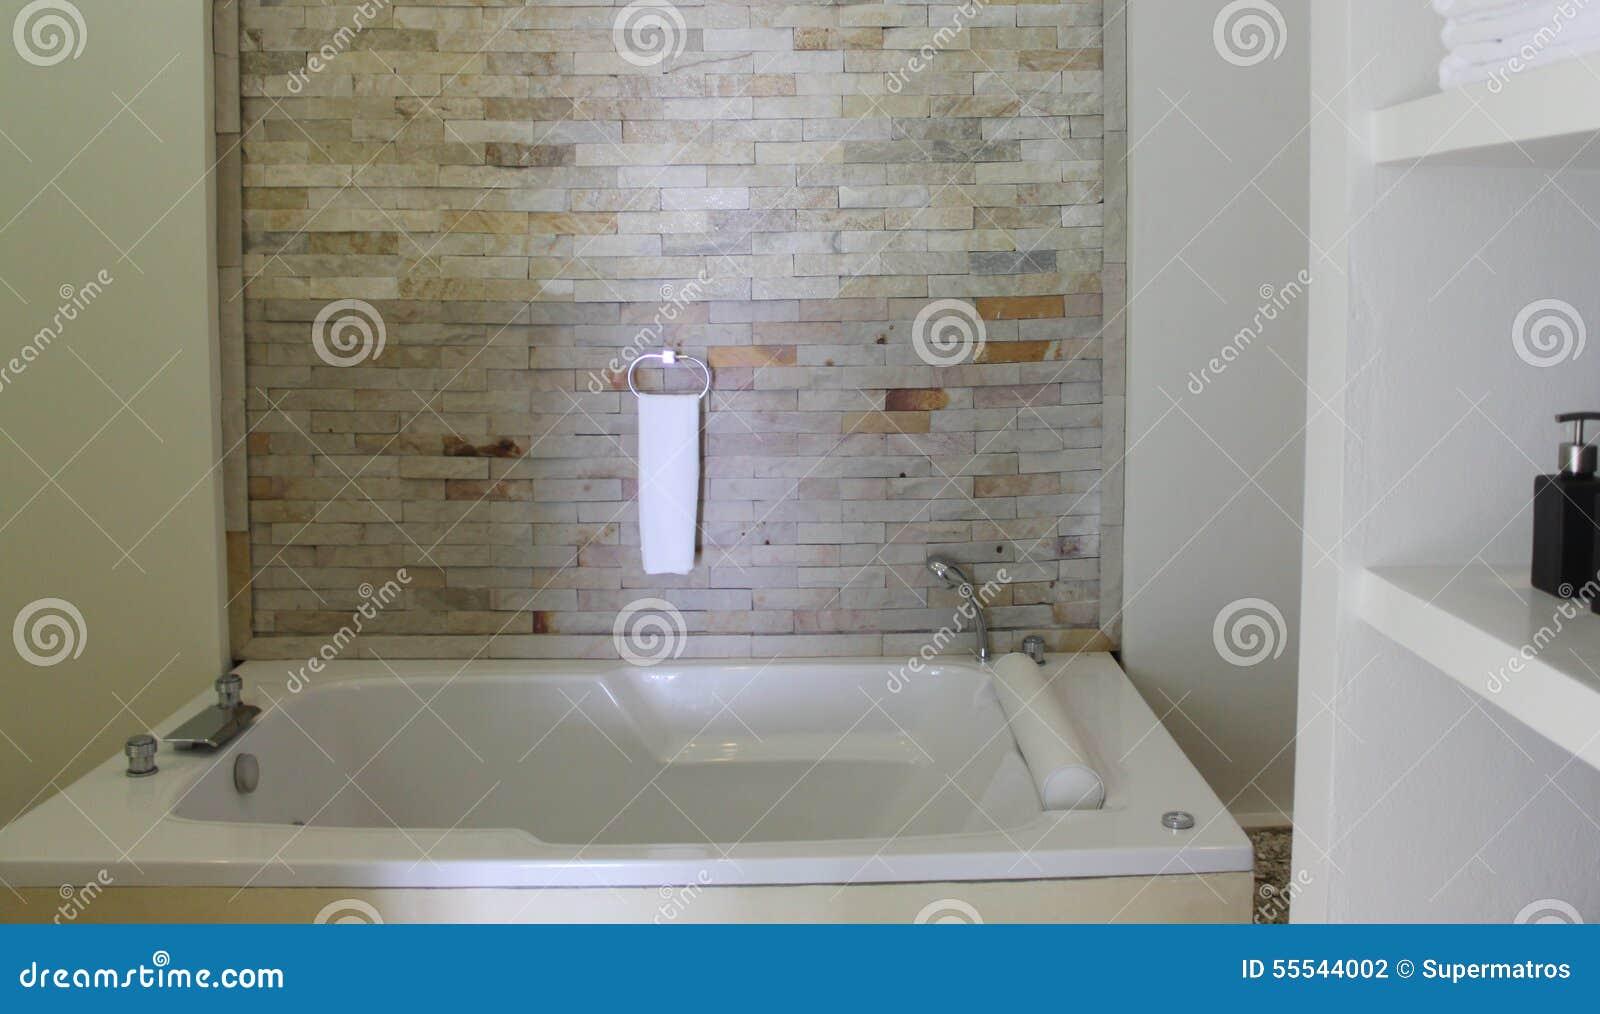 Progetti Un Bagno Con I Mattoni Di Rivestimento Fotografia Stock - Immagine: 55544002